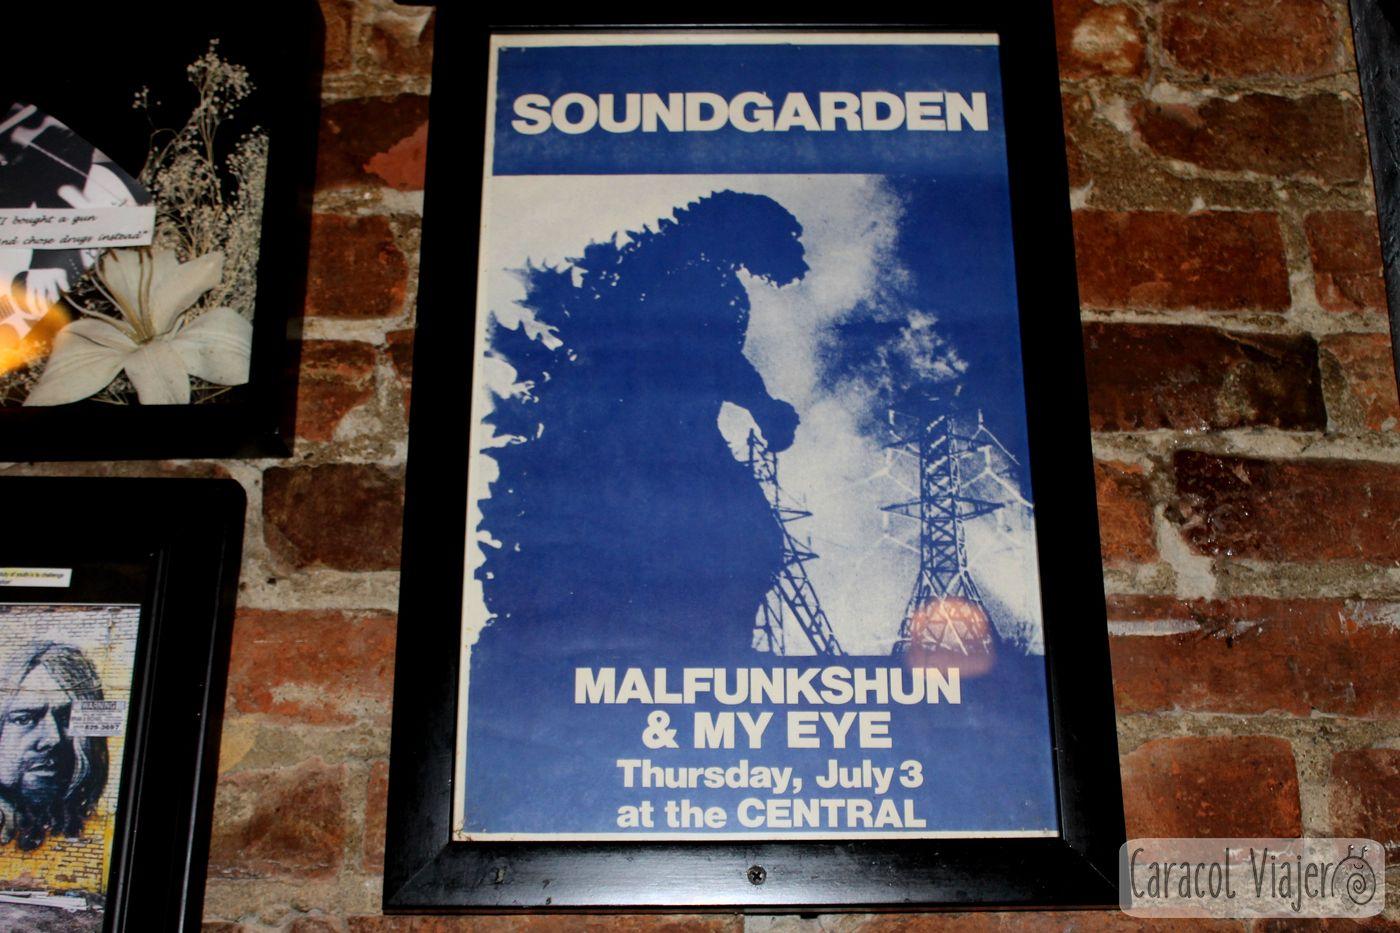 cartel de Soundgarden en The Central